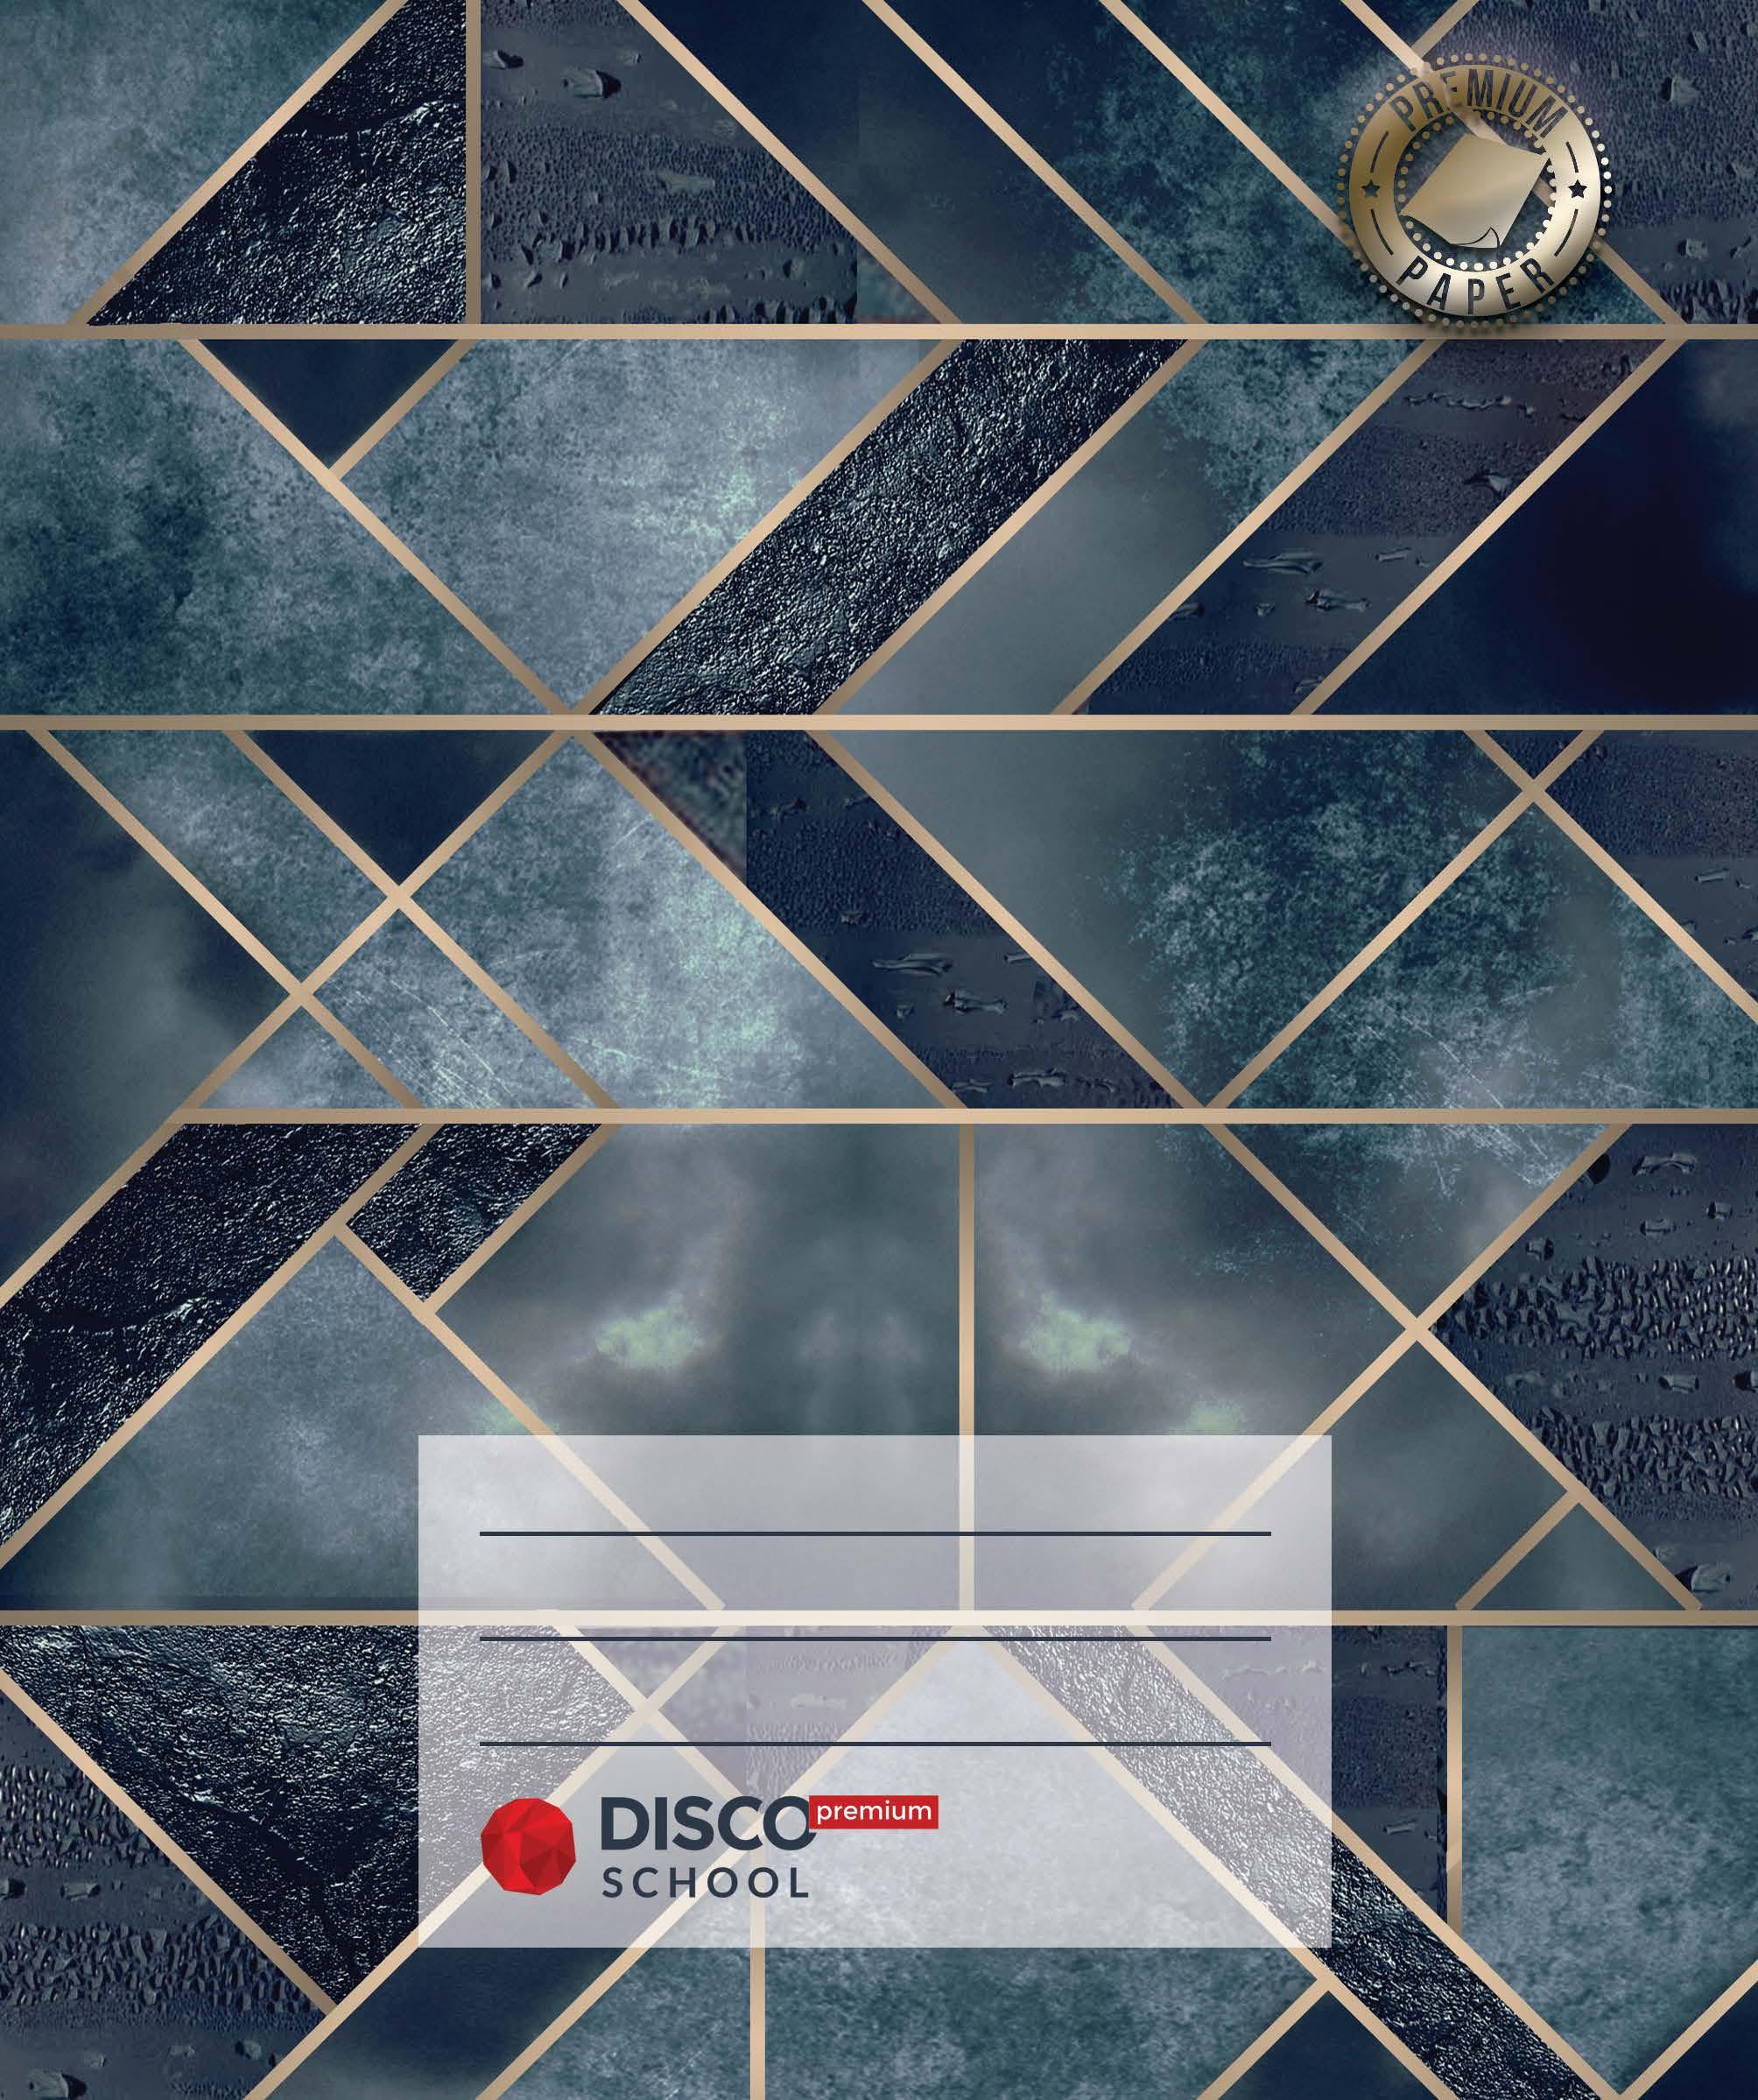 Disco Premium School